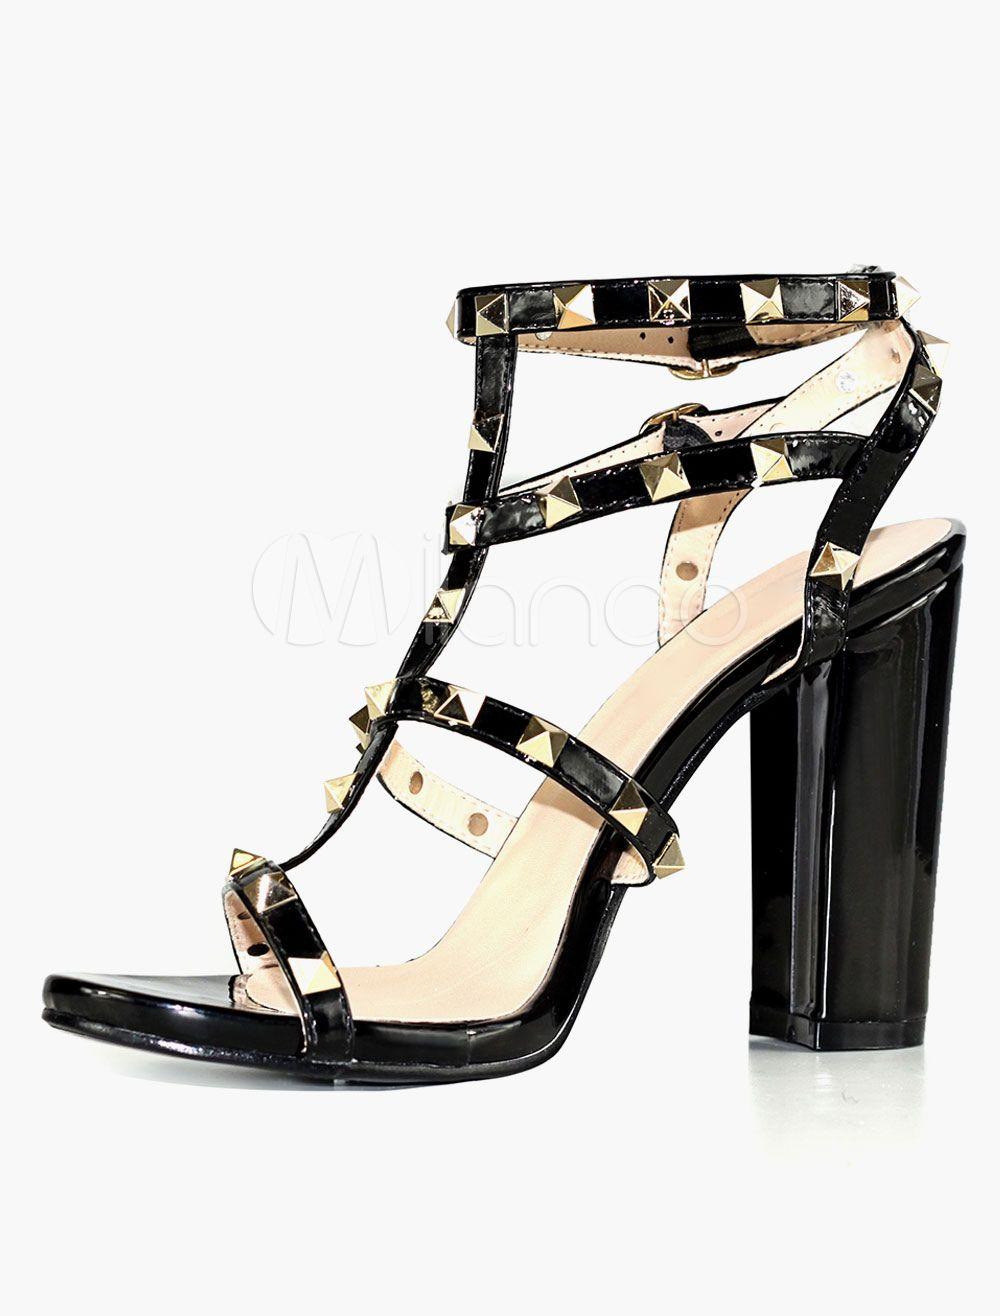 Sandali neri con tacchi alti e ribattini per donne